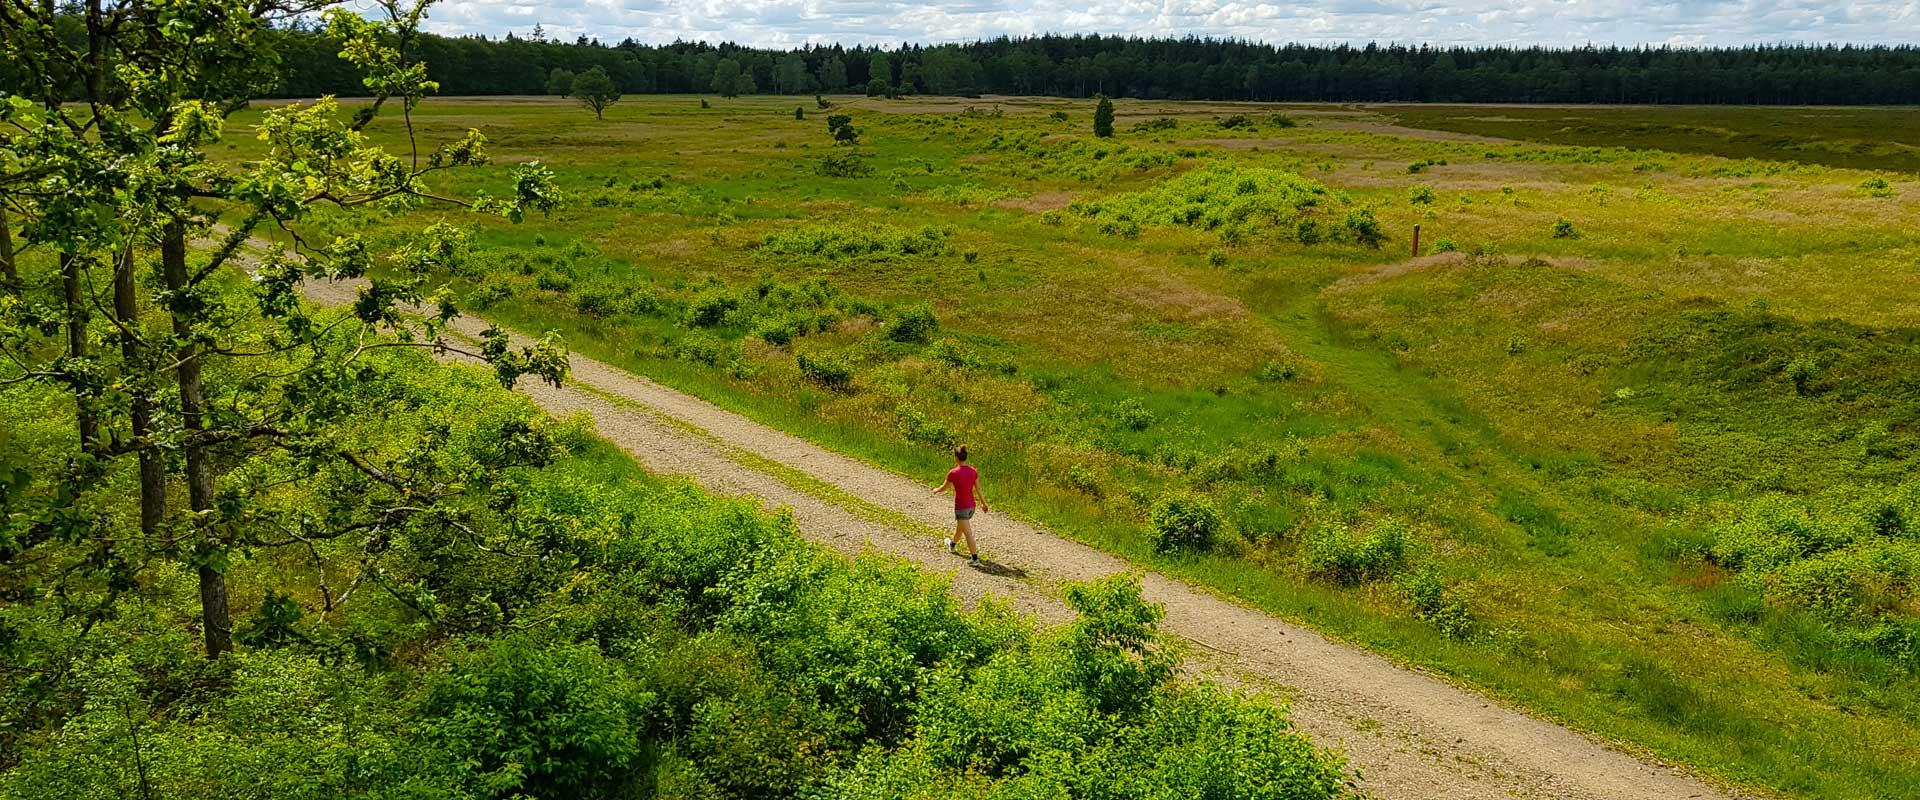 Hærvejen: Denmark's Camino